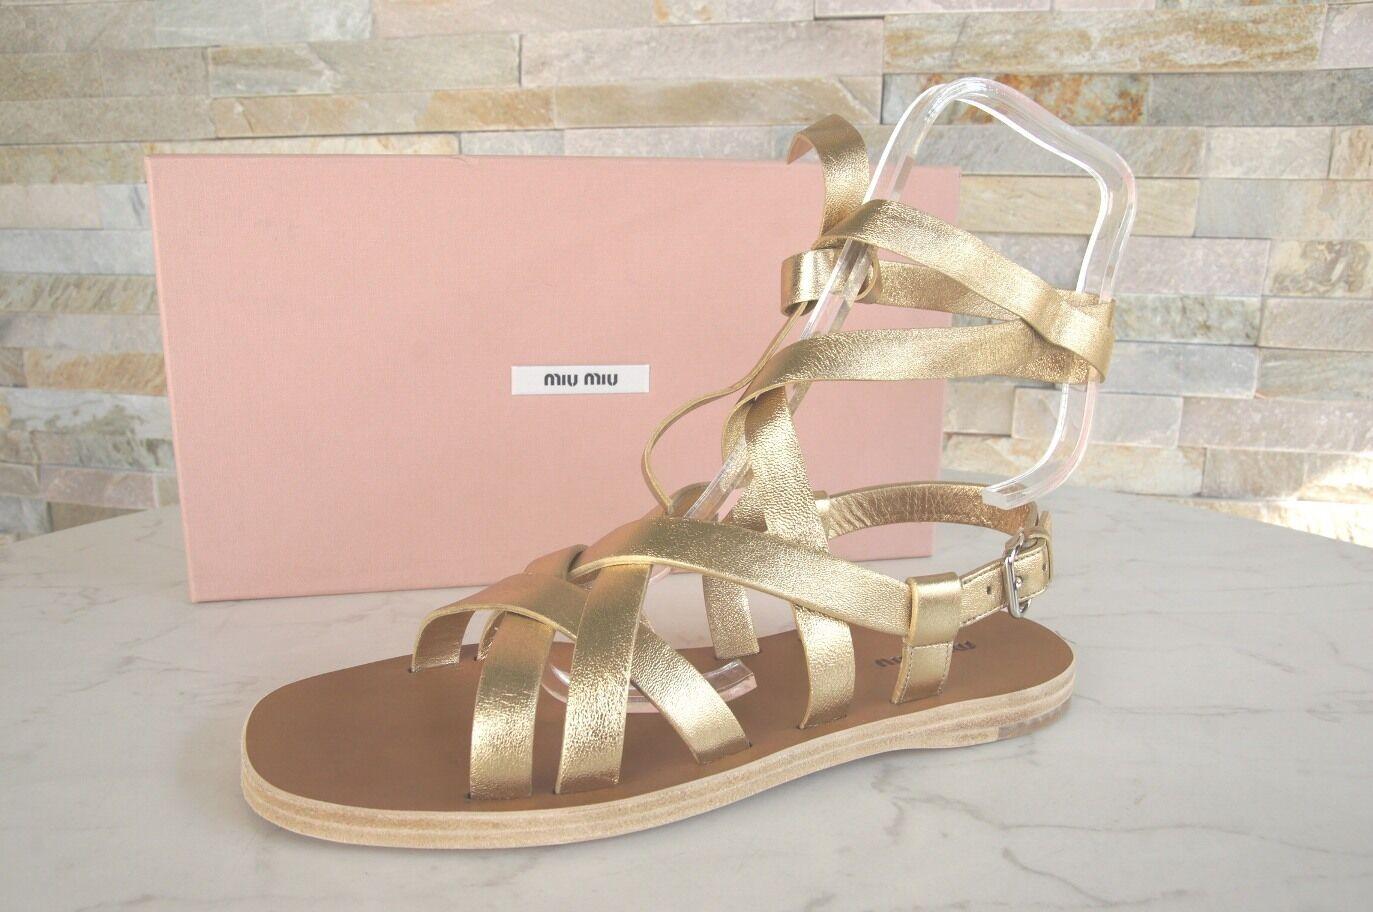 Miu Miu sandalias correa sandalias, zapatos curtidas platino nuevo PVP